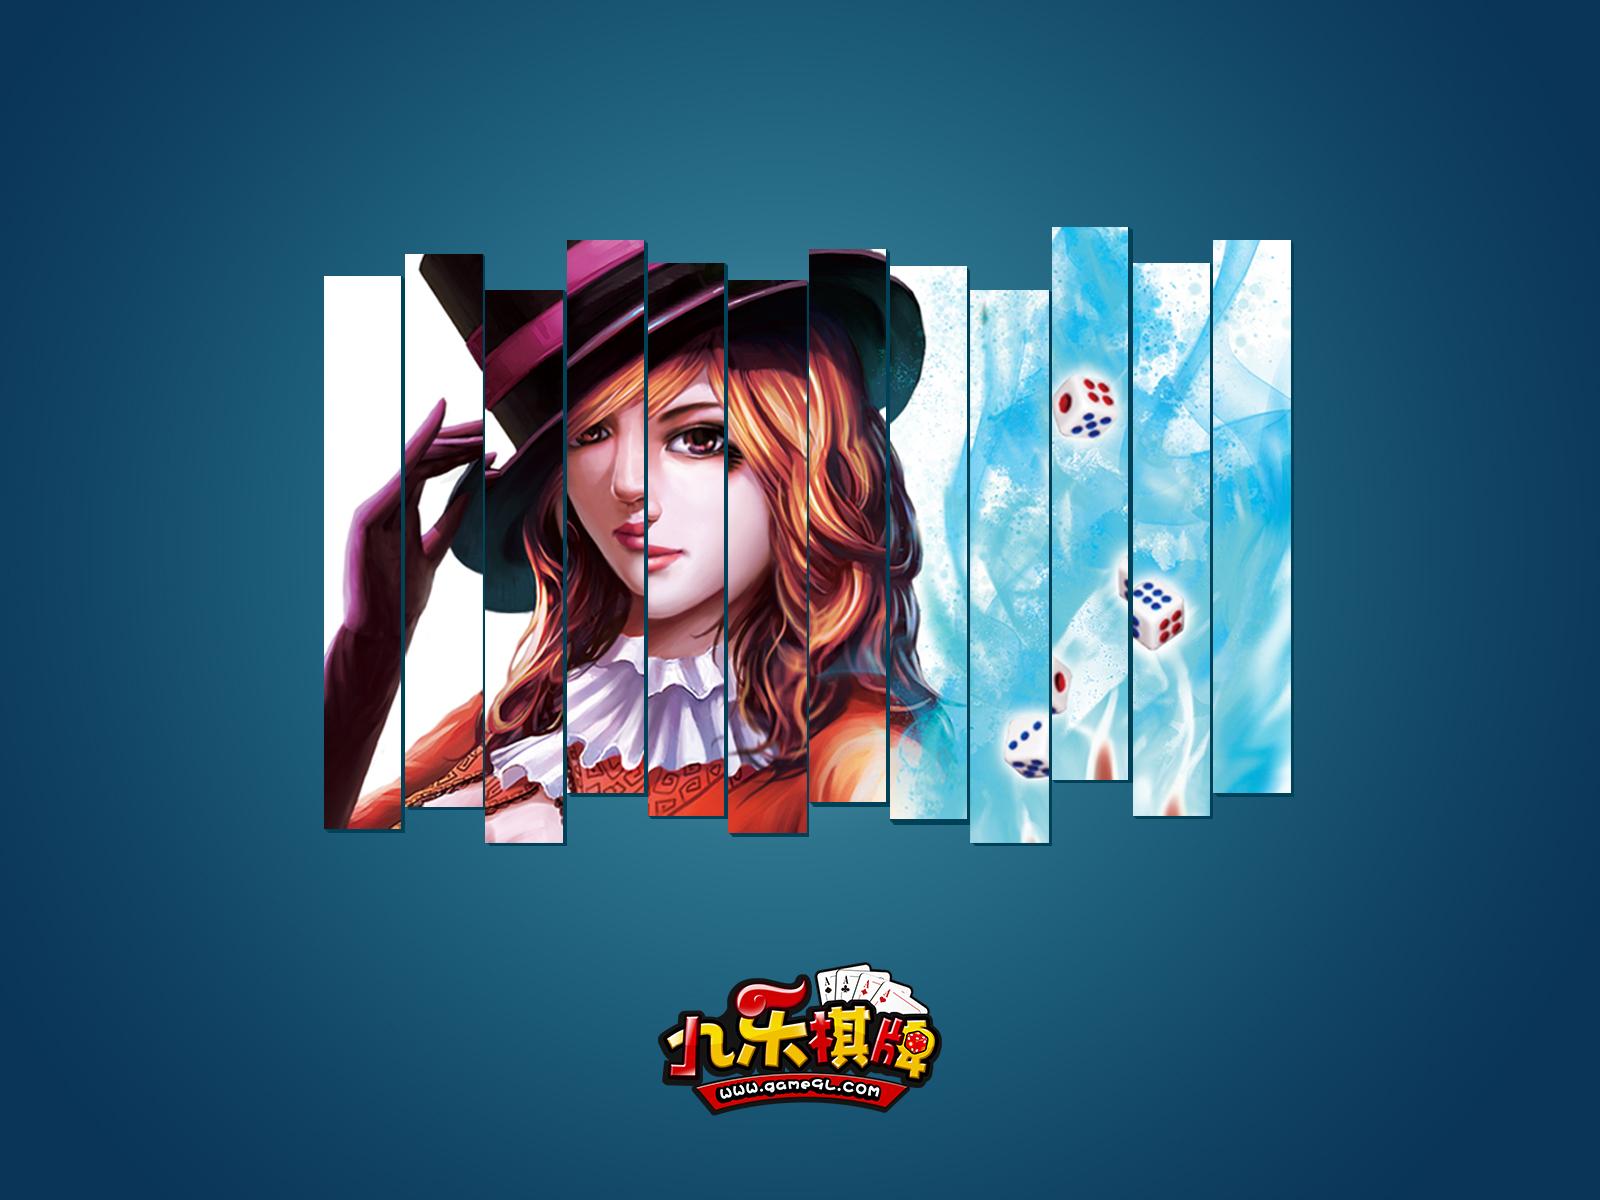 九乐棋牌 - 游戏图片 | 图片下载 | 游戏壁纸 - 电驴